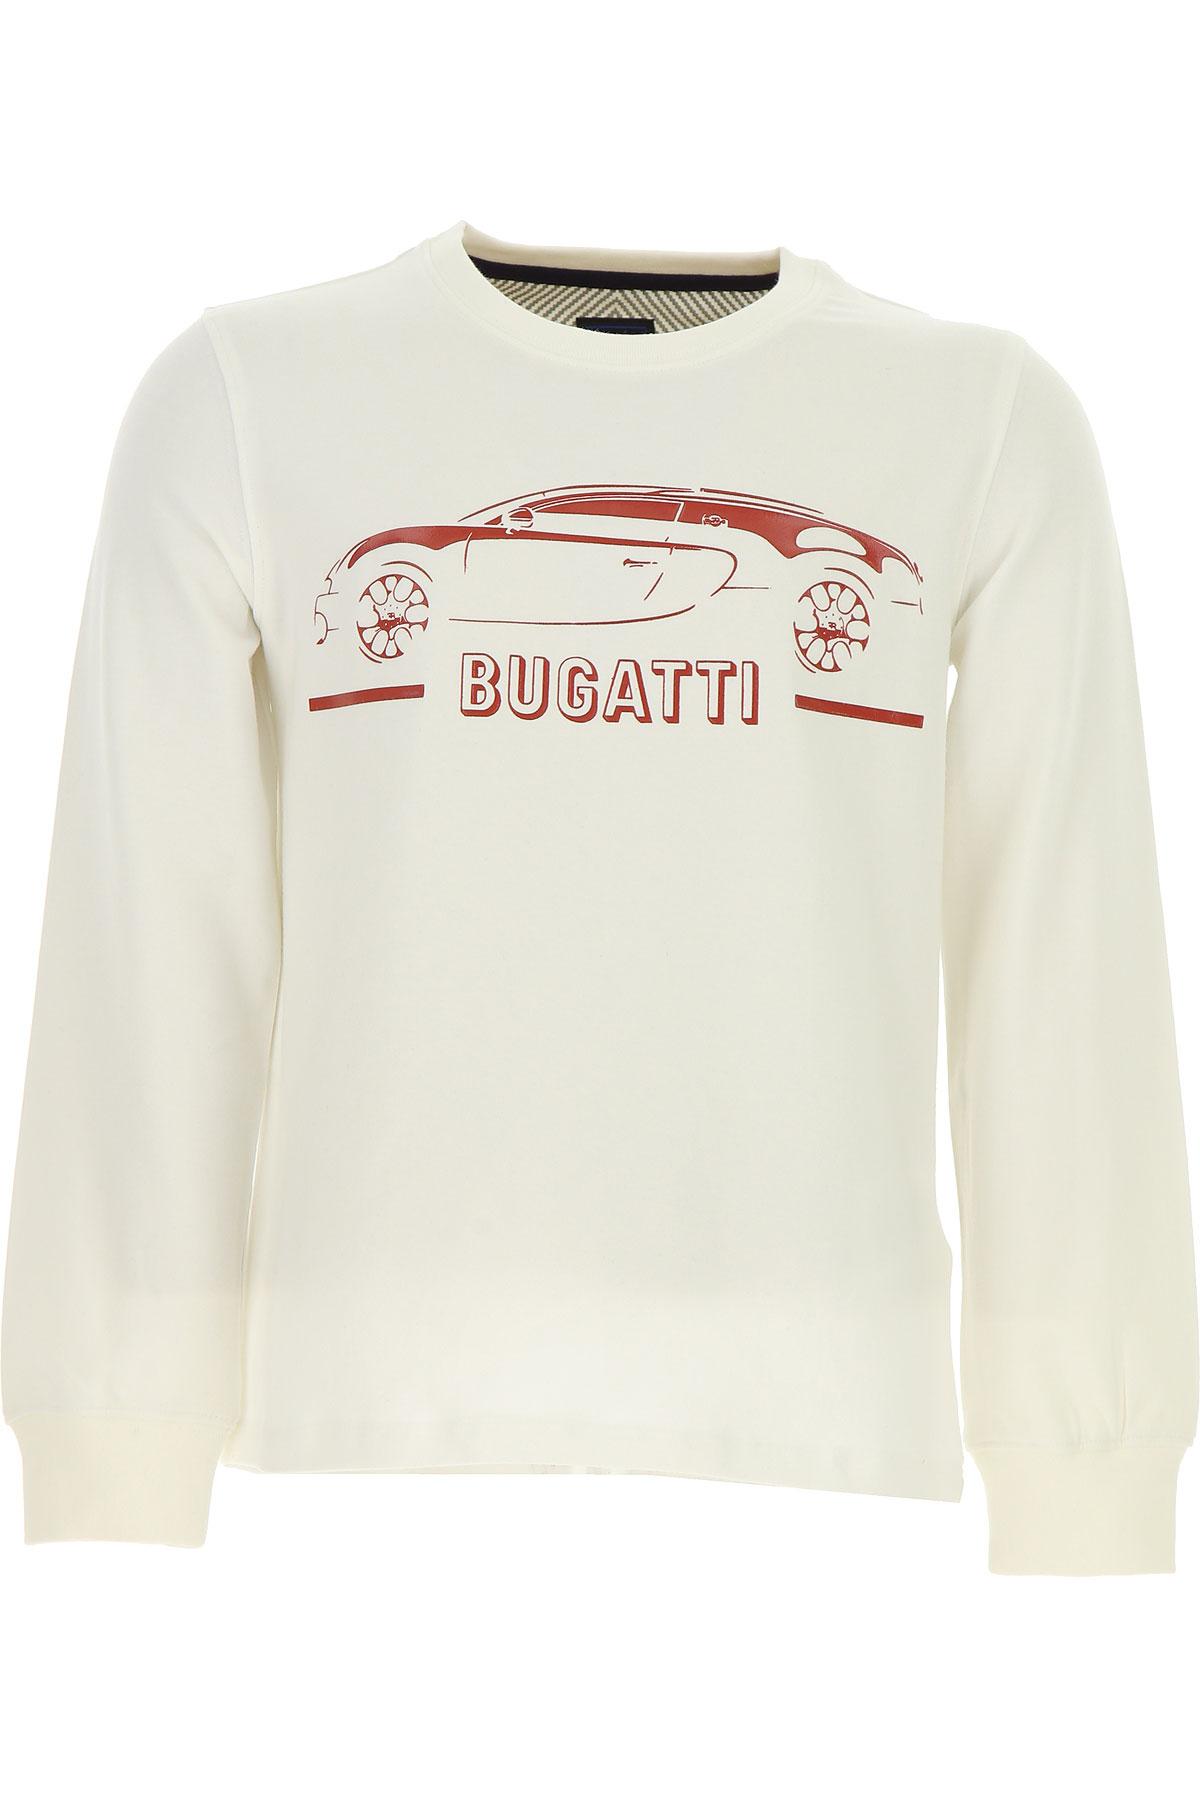 Bugatti Kids T-Shirt for Boys, White, Cotton, 2017, 2Y 3Y 4Y 5Y 6Y 7Y USA-479808